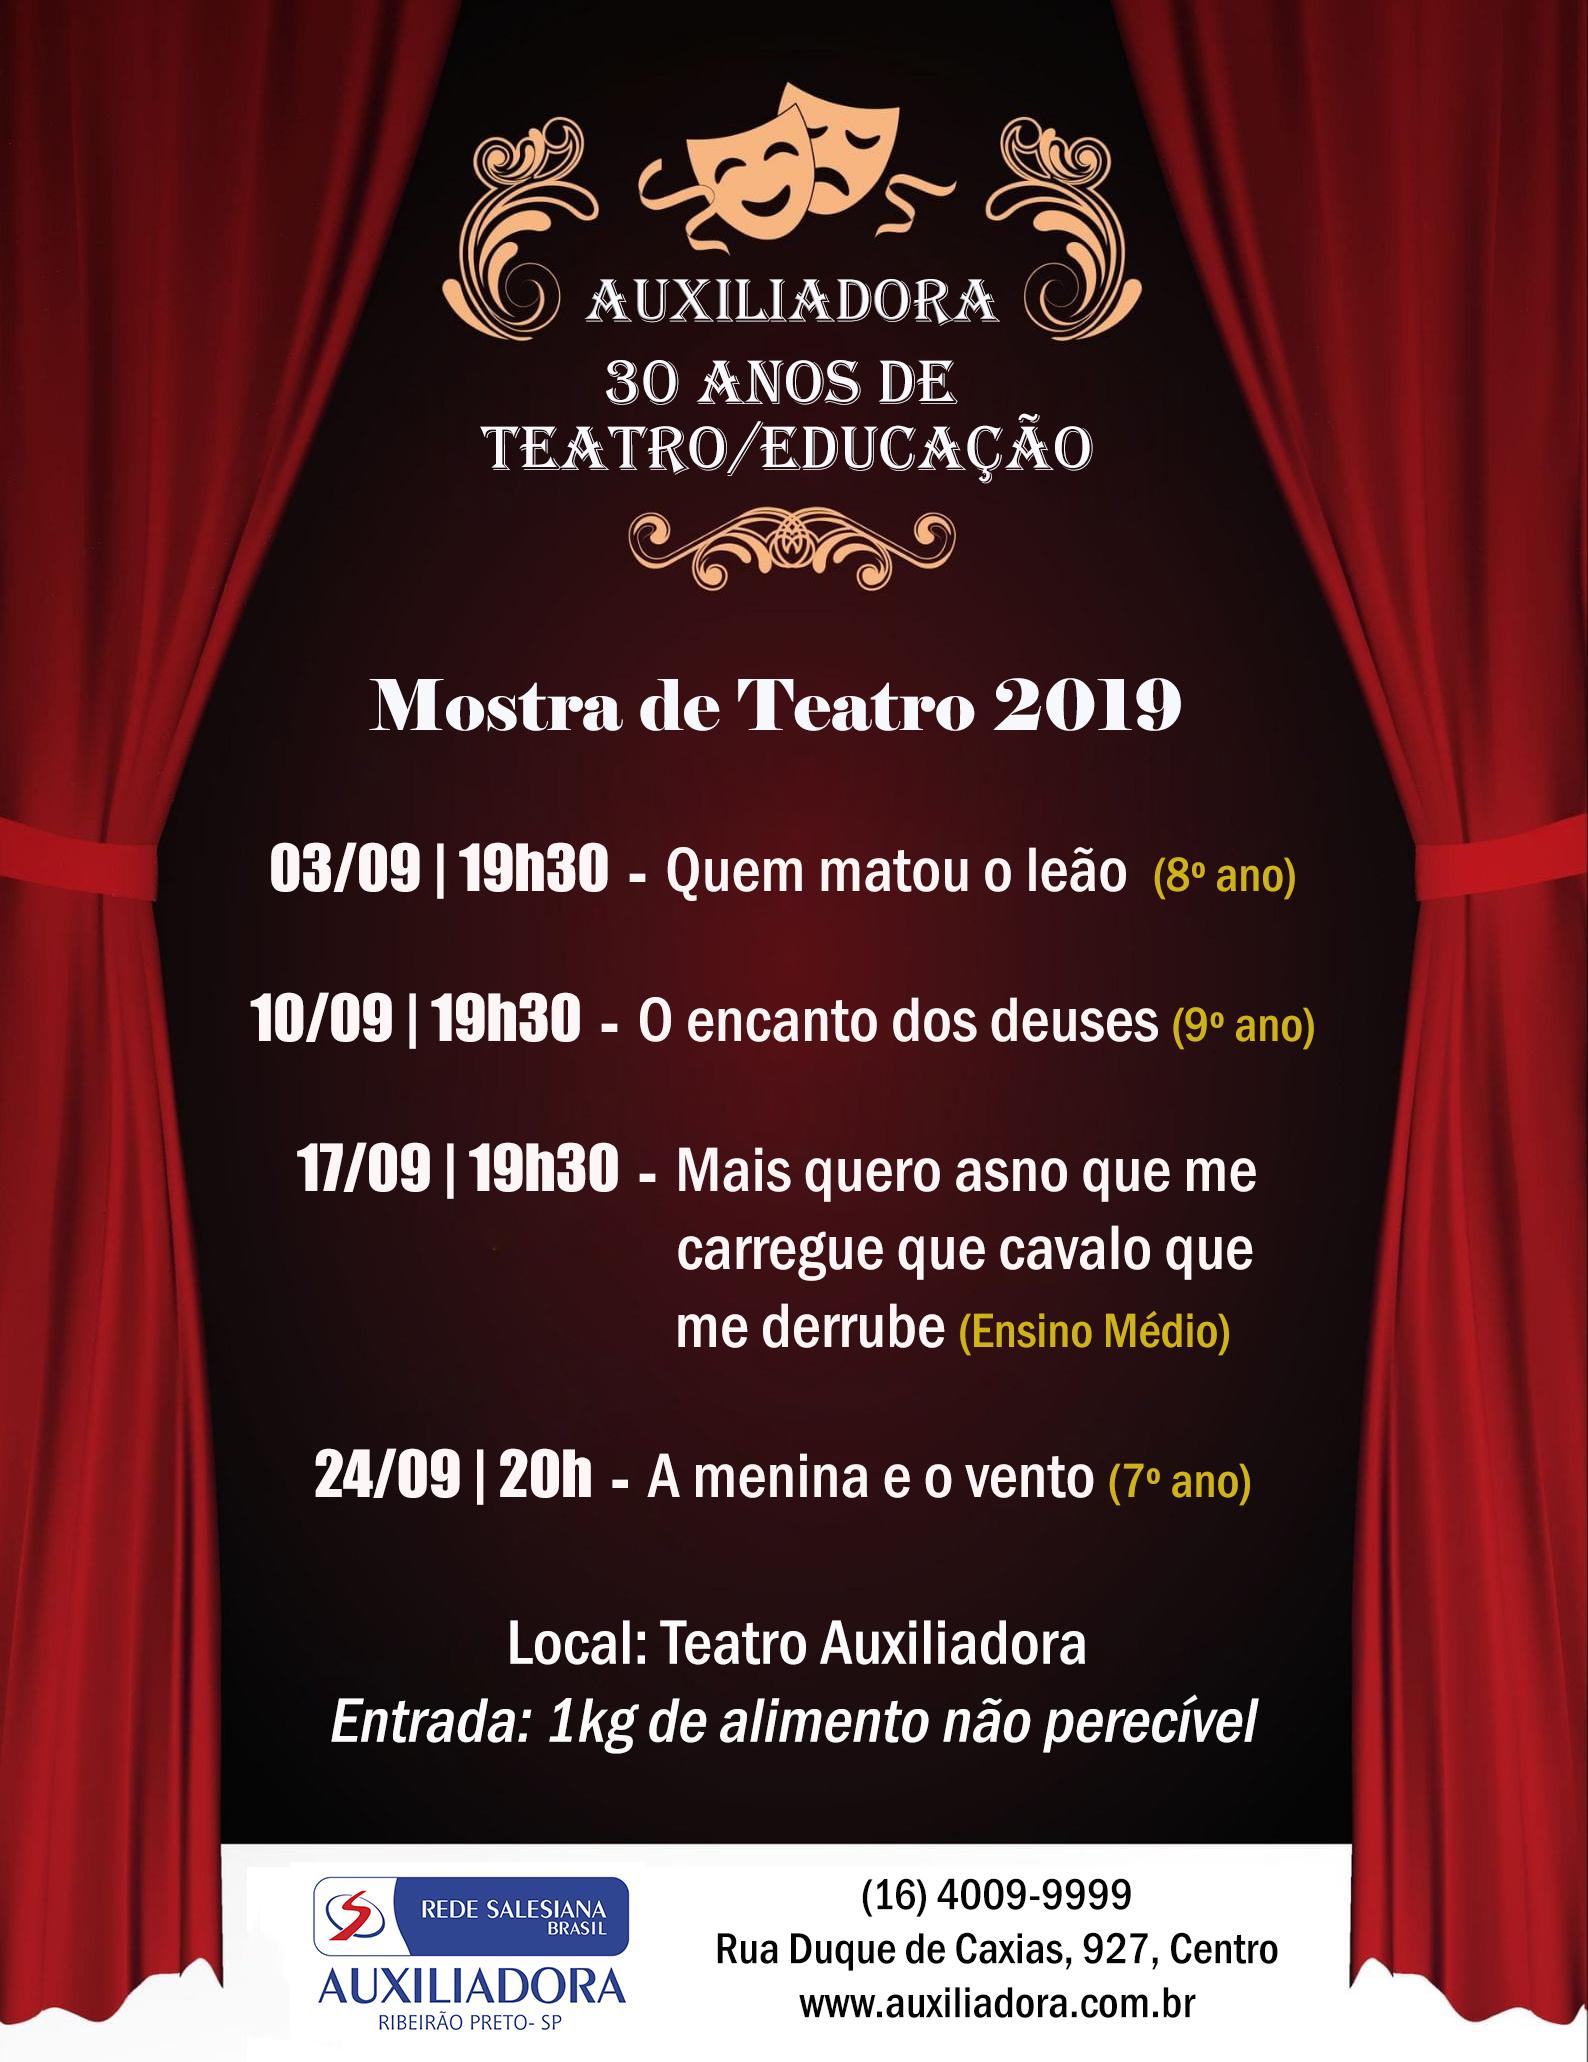 Tradicional Mostra de Teatro do Auxiliadora começa na próxima terça-feira